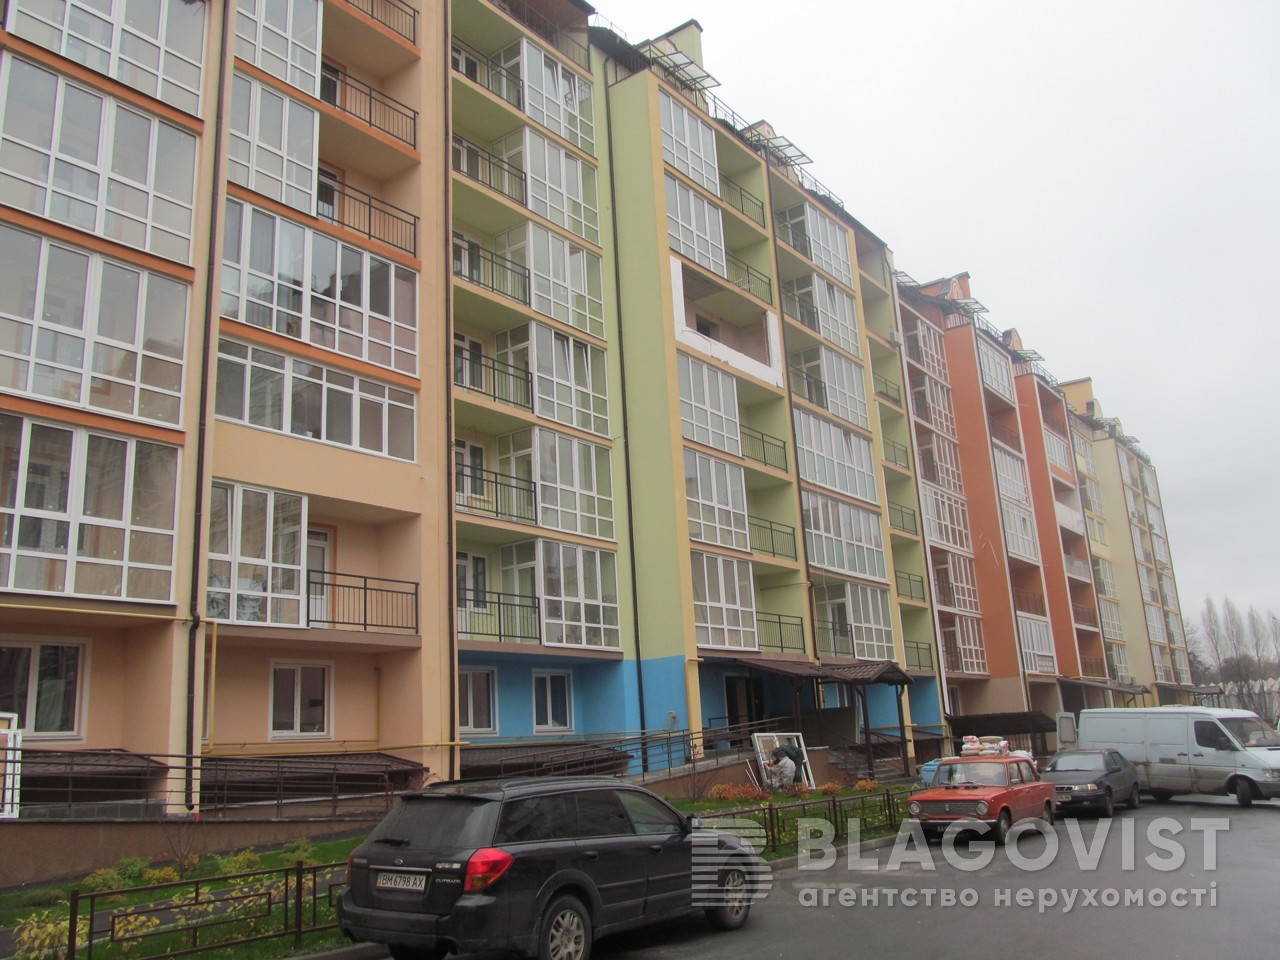 Квартира A-111458, Лебедева Академика, 1 корпус 7, Киев - Фото 1